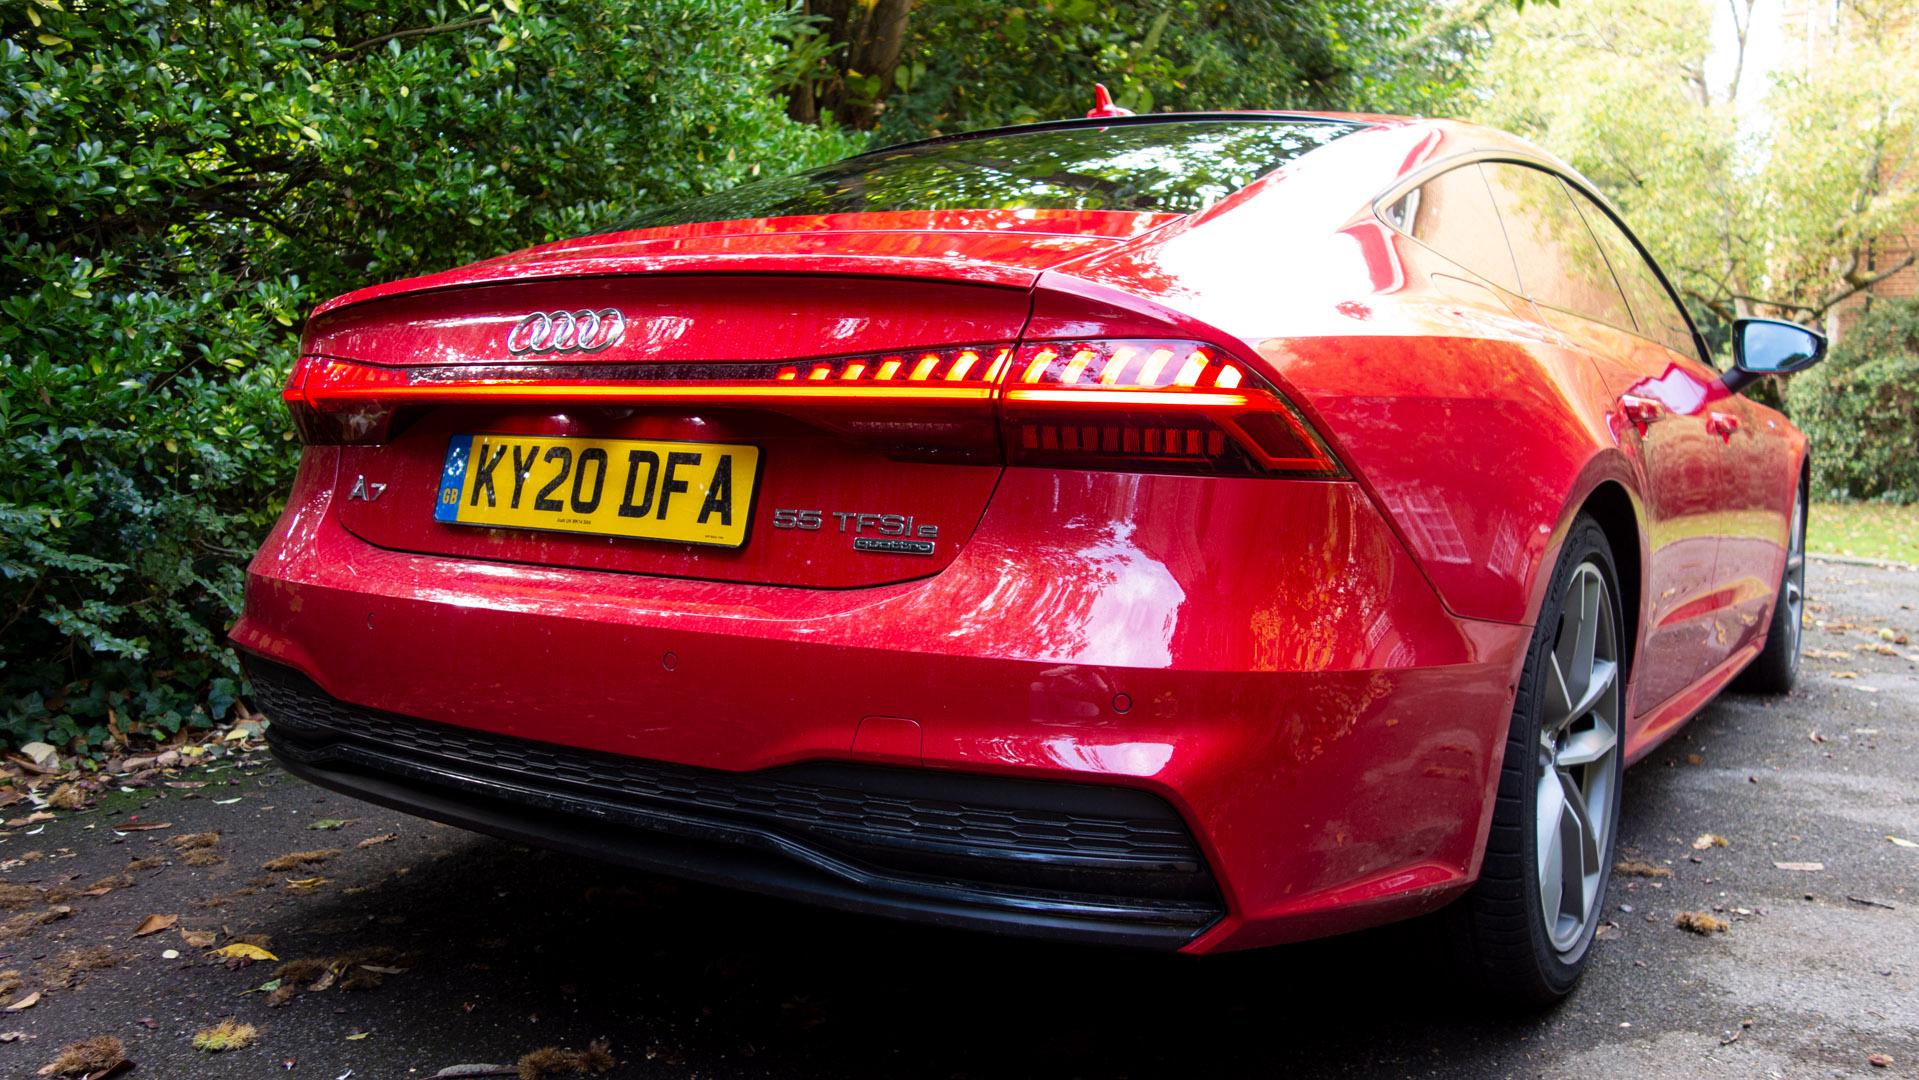 Audi A7 TFSIe colour